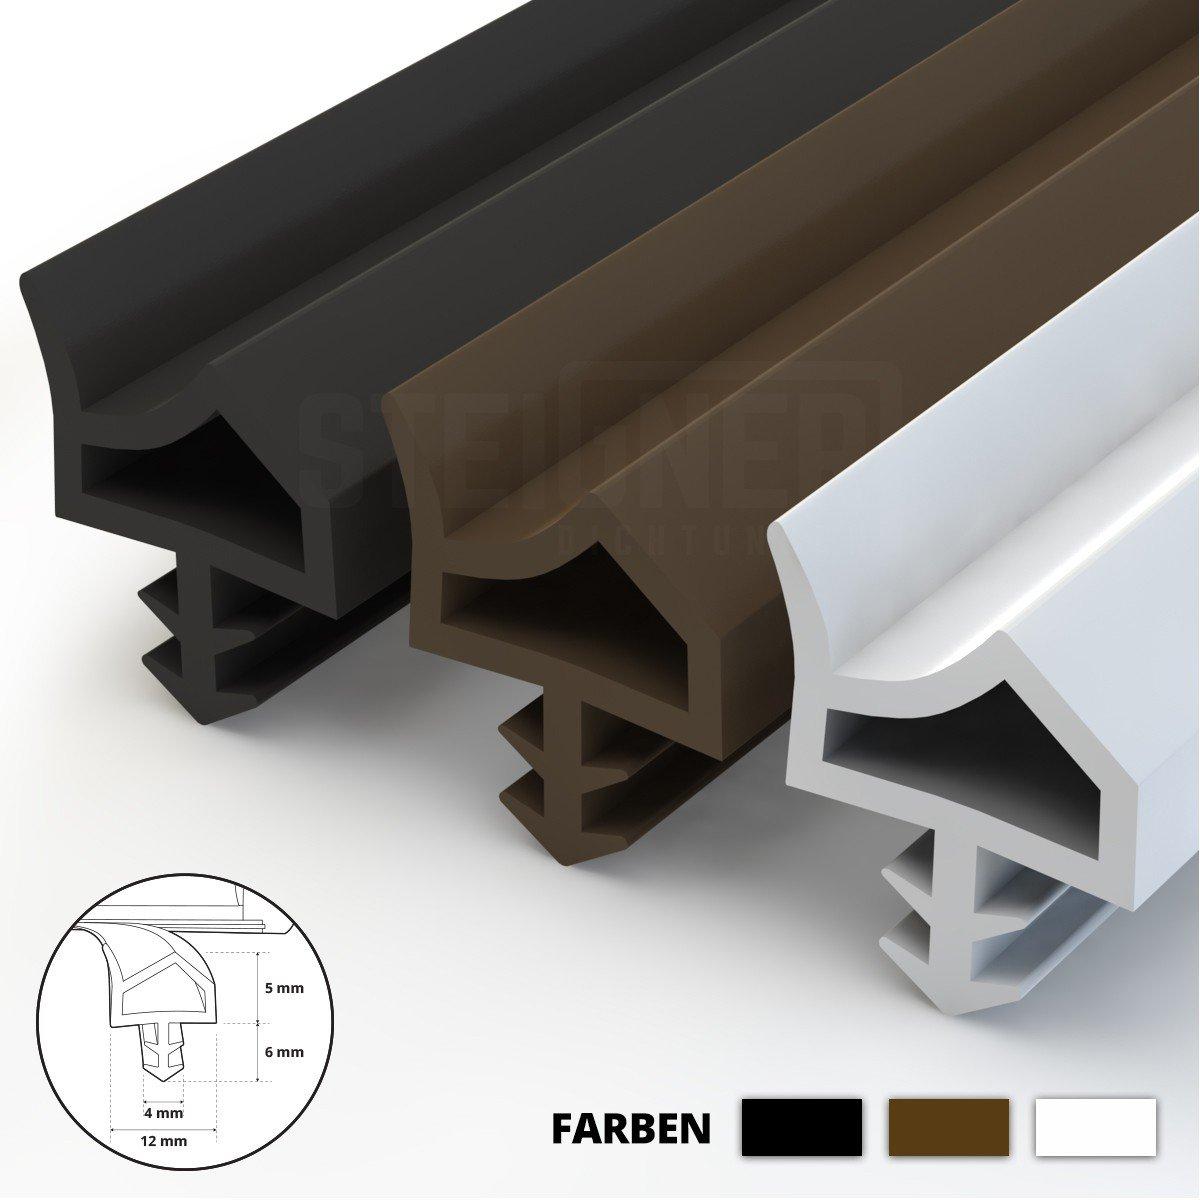 STEIGNER Burlete para Puerta y Ventana STD06 10m 12mm Marr/ón Junta de goma Perfil de estanqueidad para ventanas y puertas de PVC Aluminio Madera